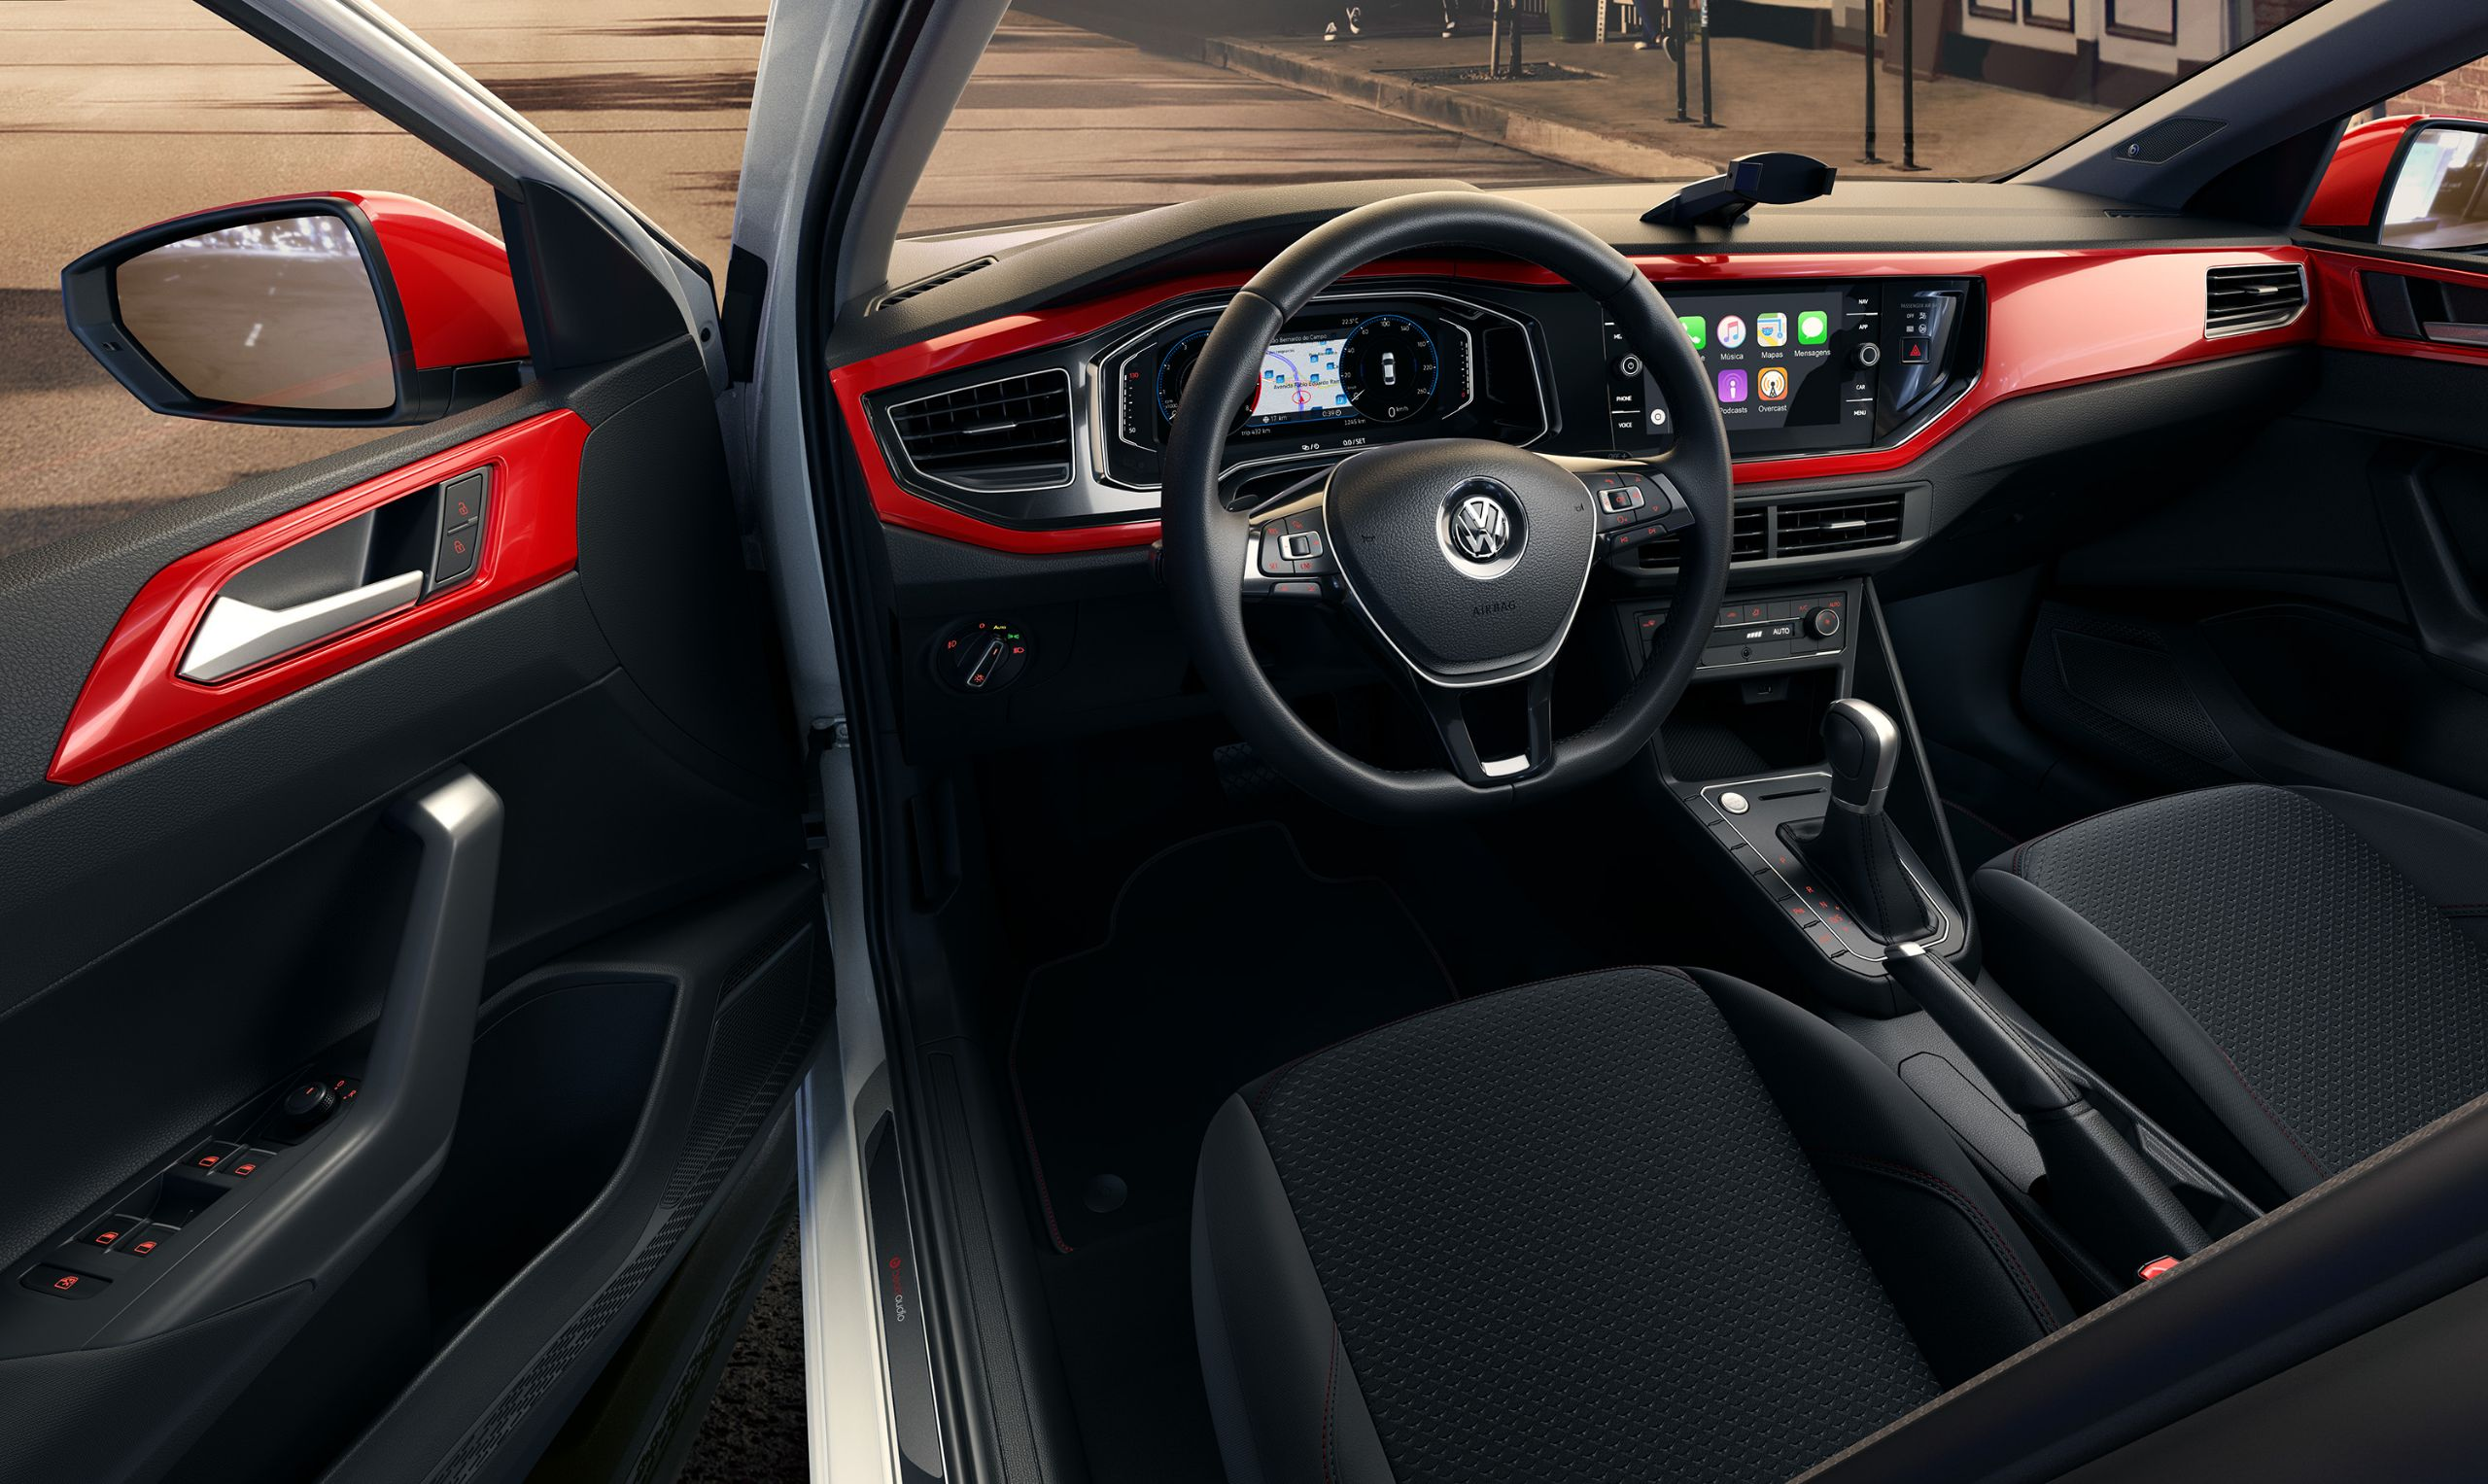 Sistema de som Beats é novo pacote no VW Polo